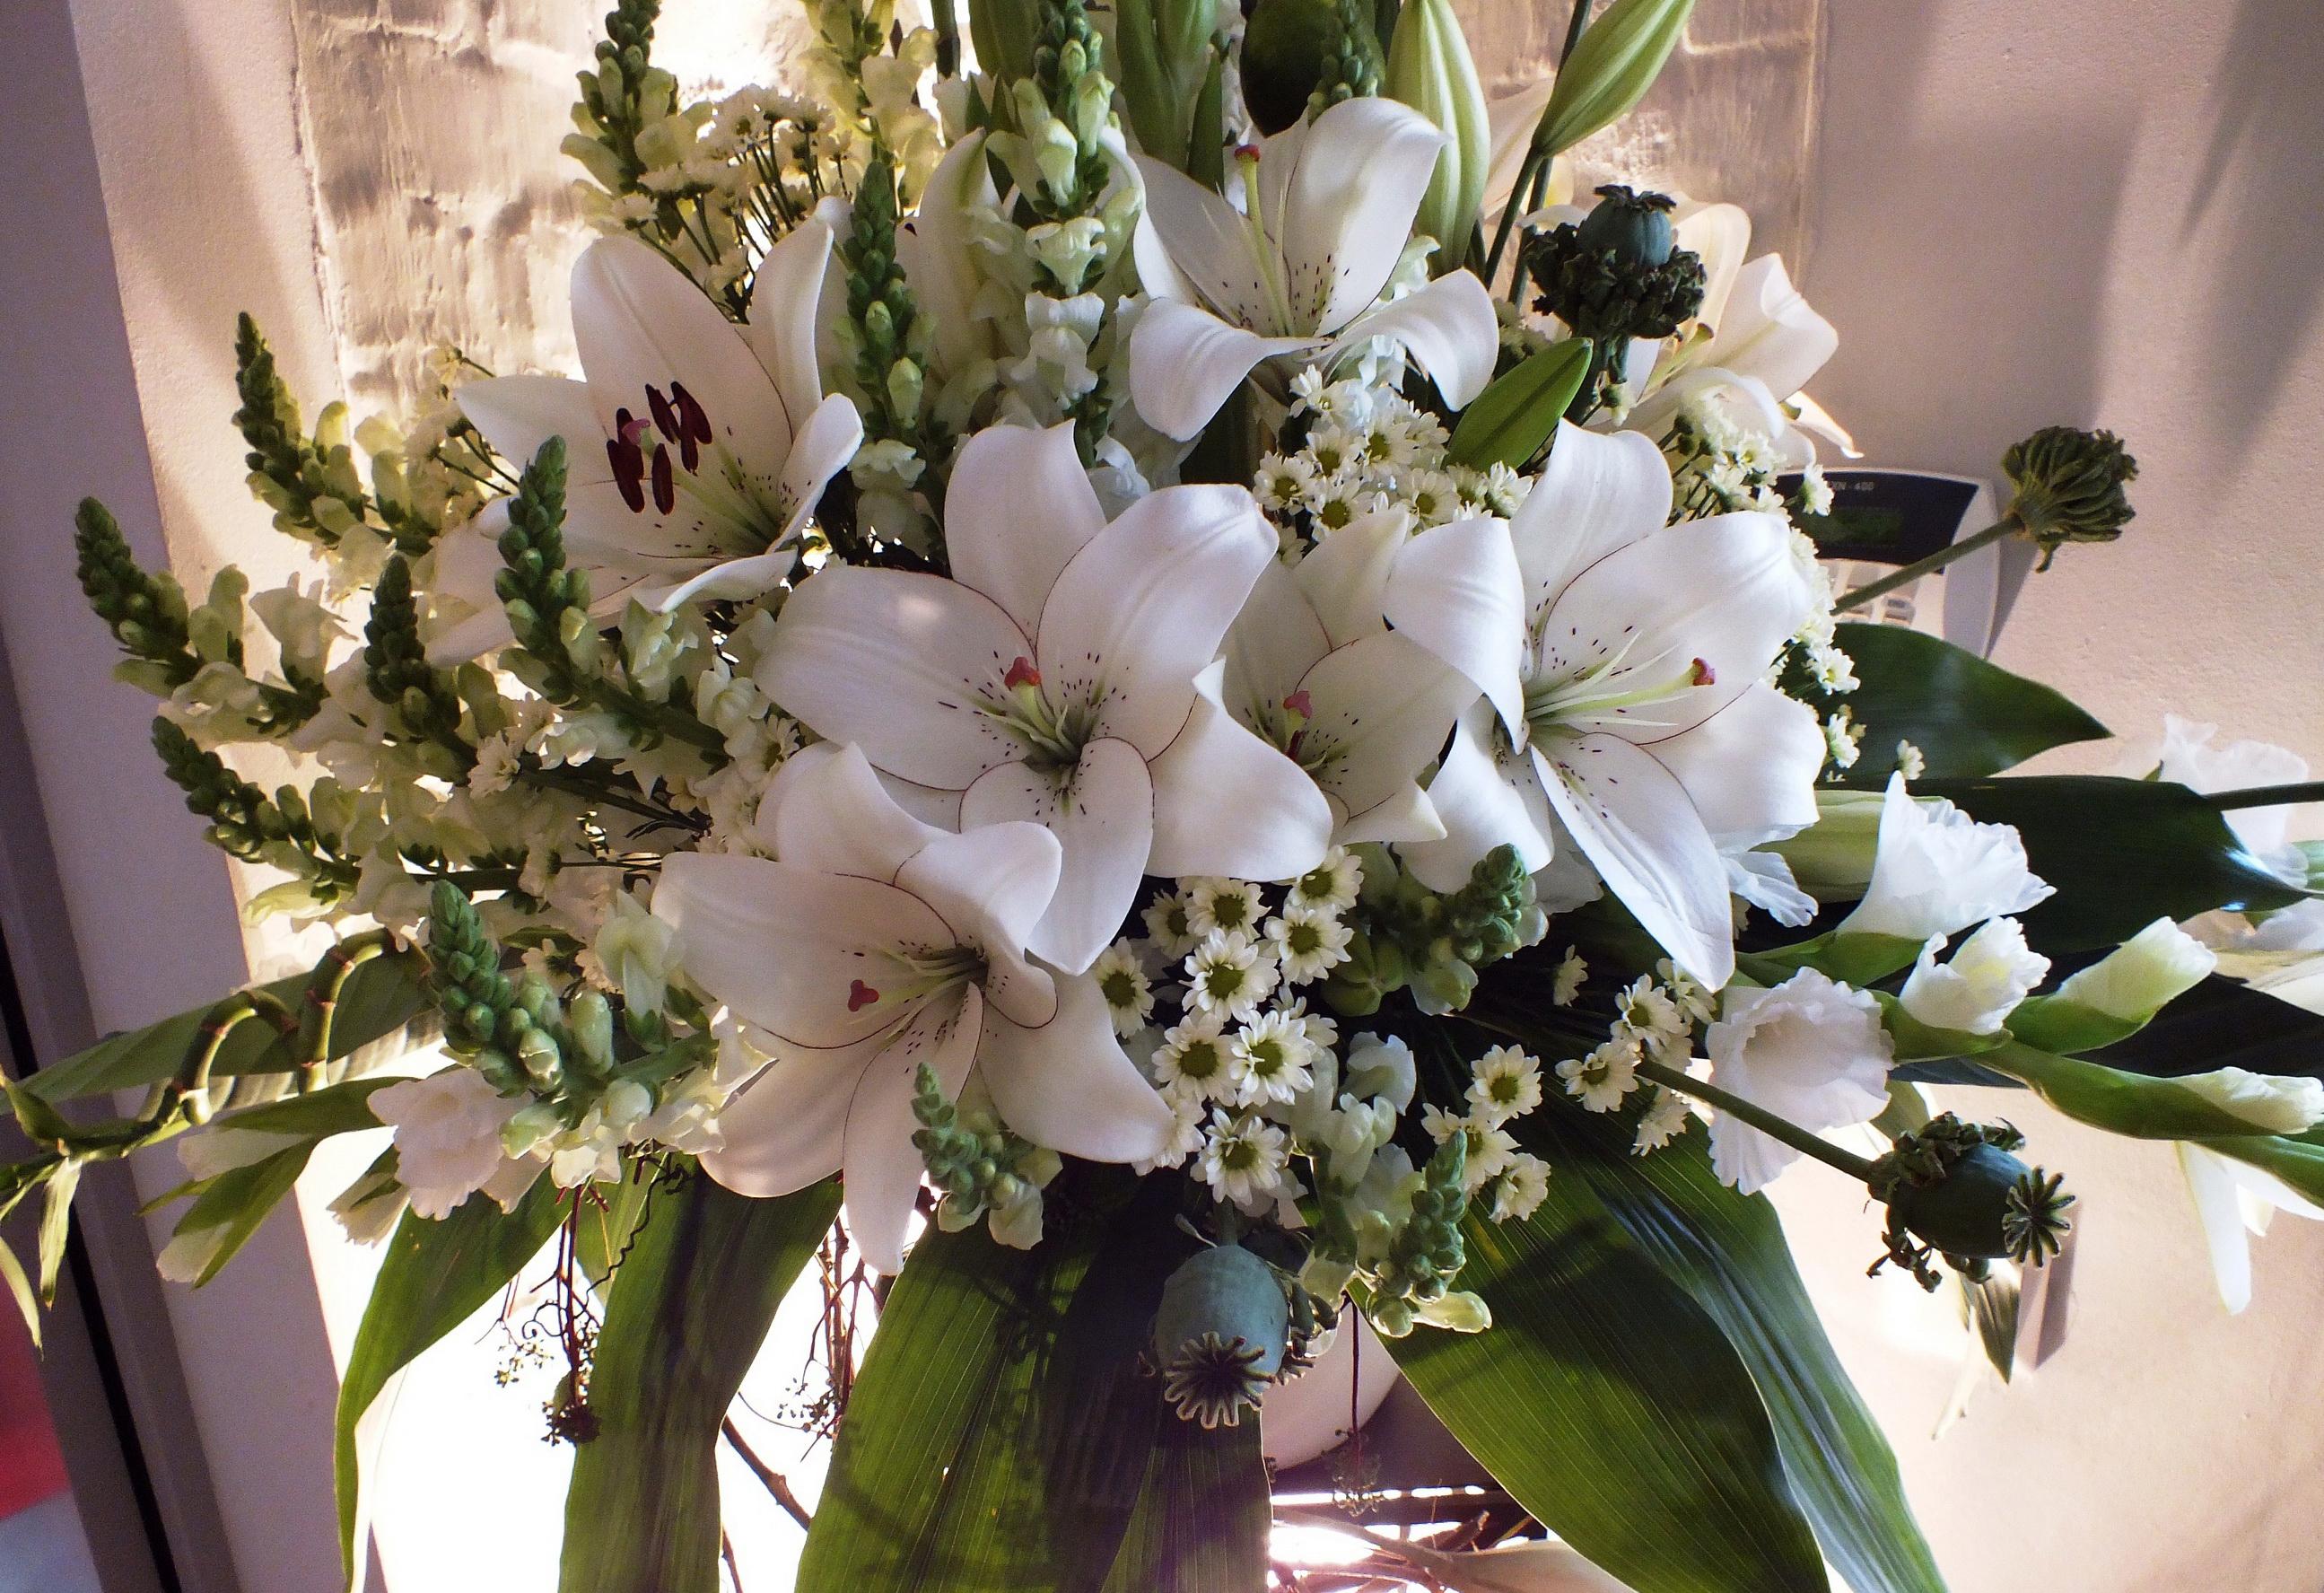 красивый букет цветов фото лилии подробнее остановимся технических